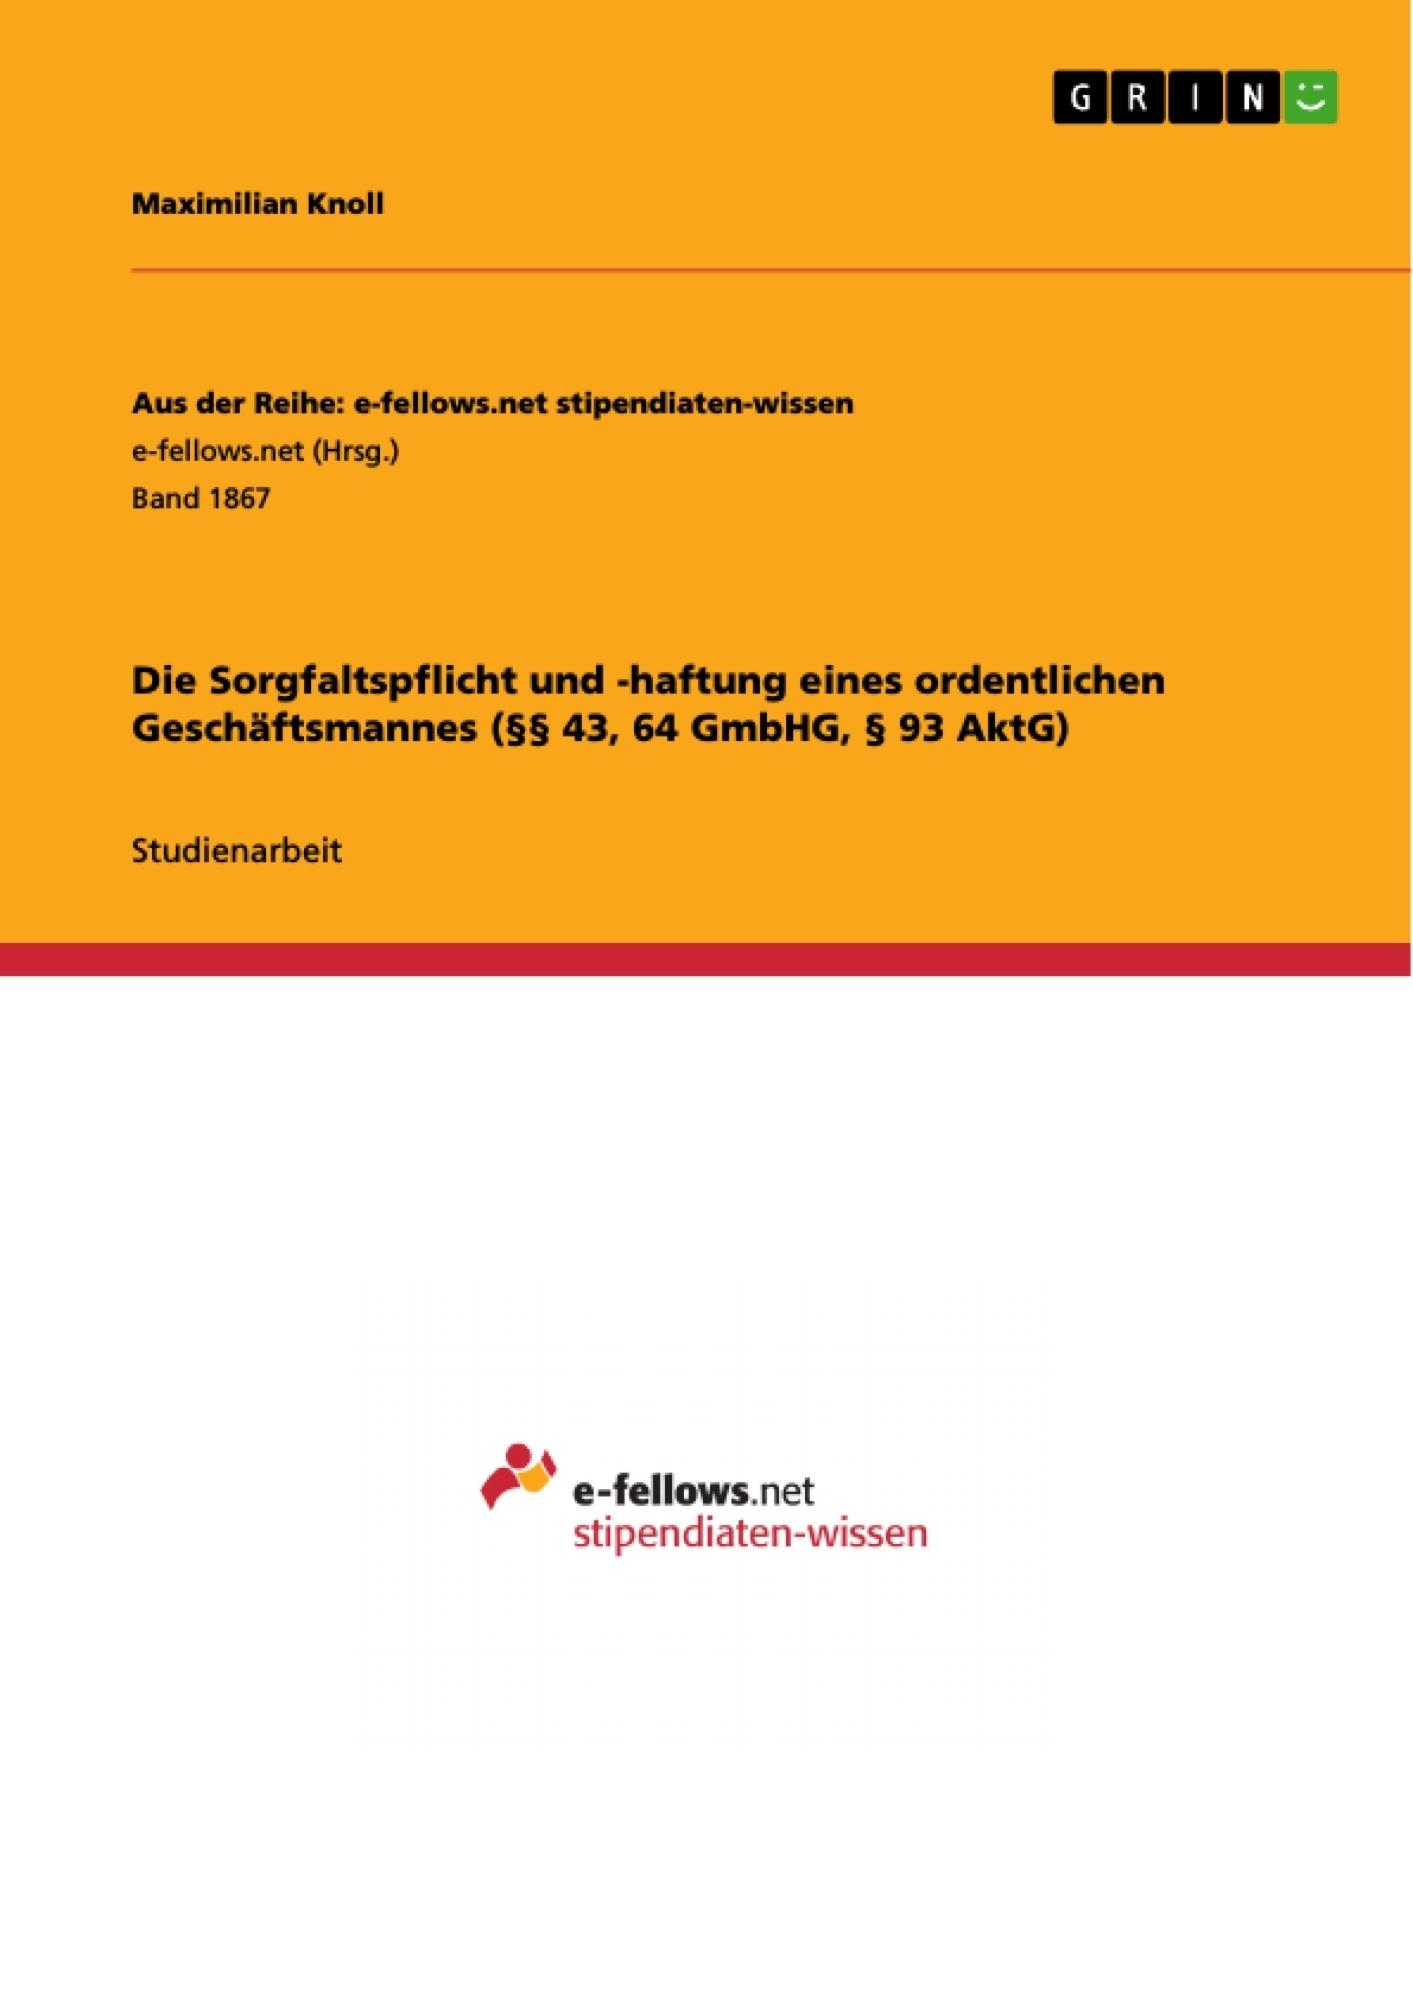 Titel: Die Sorgfaltspflicht und -haftung eines ordentlichen Geschäftsmannes (§§ 43, 64 GmbHG, § 93 AktG)